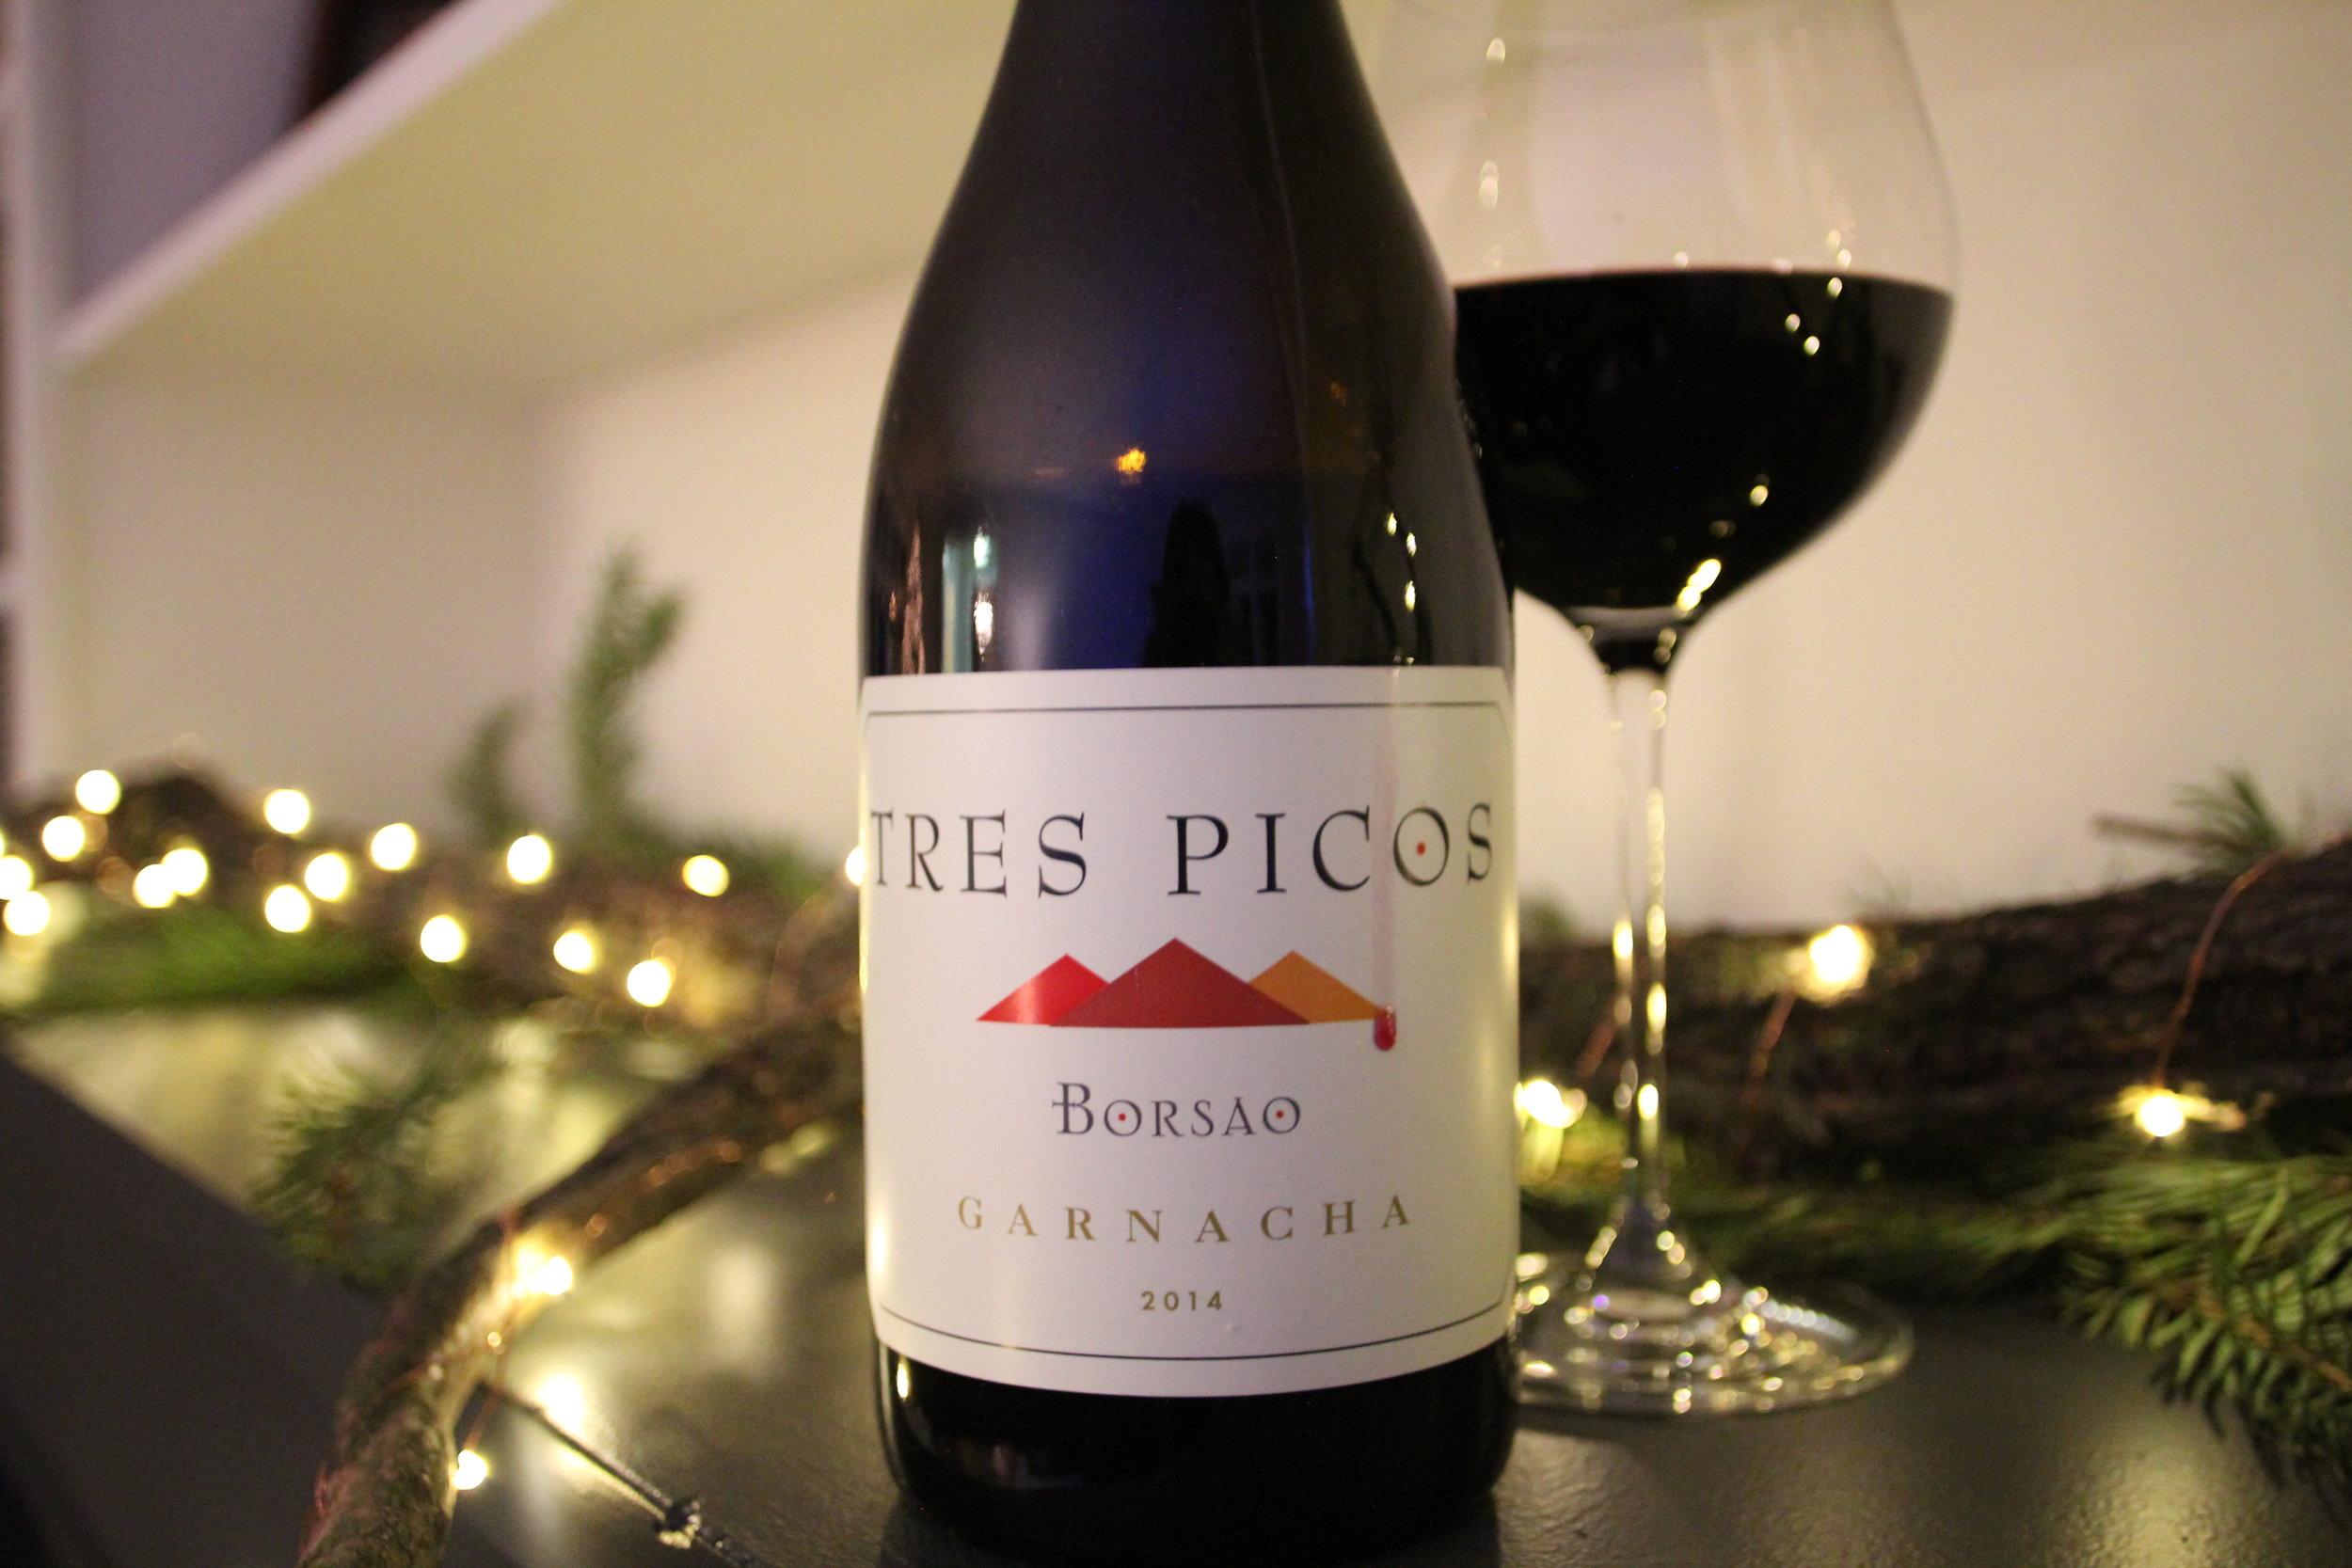 Borsao Tres Picos Garnacha 2014: $17